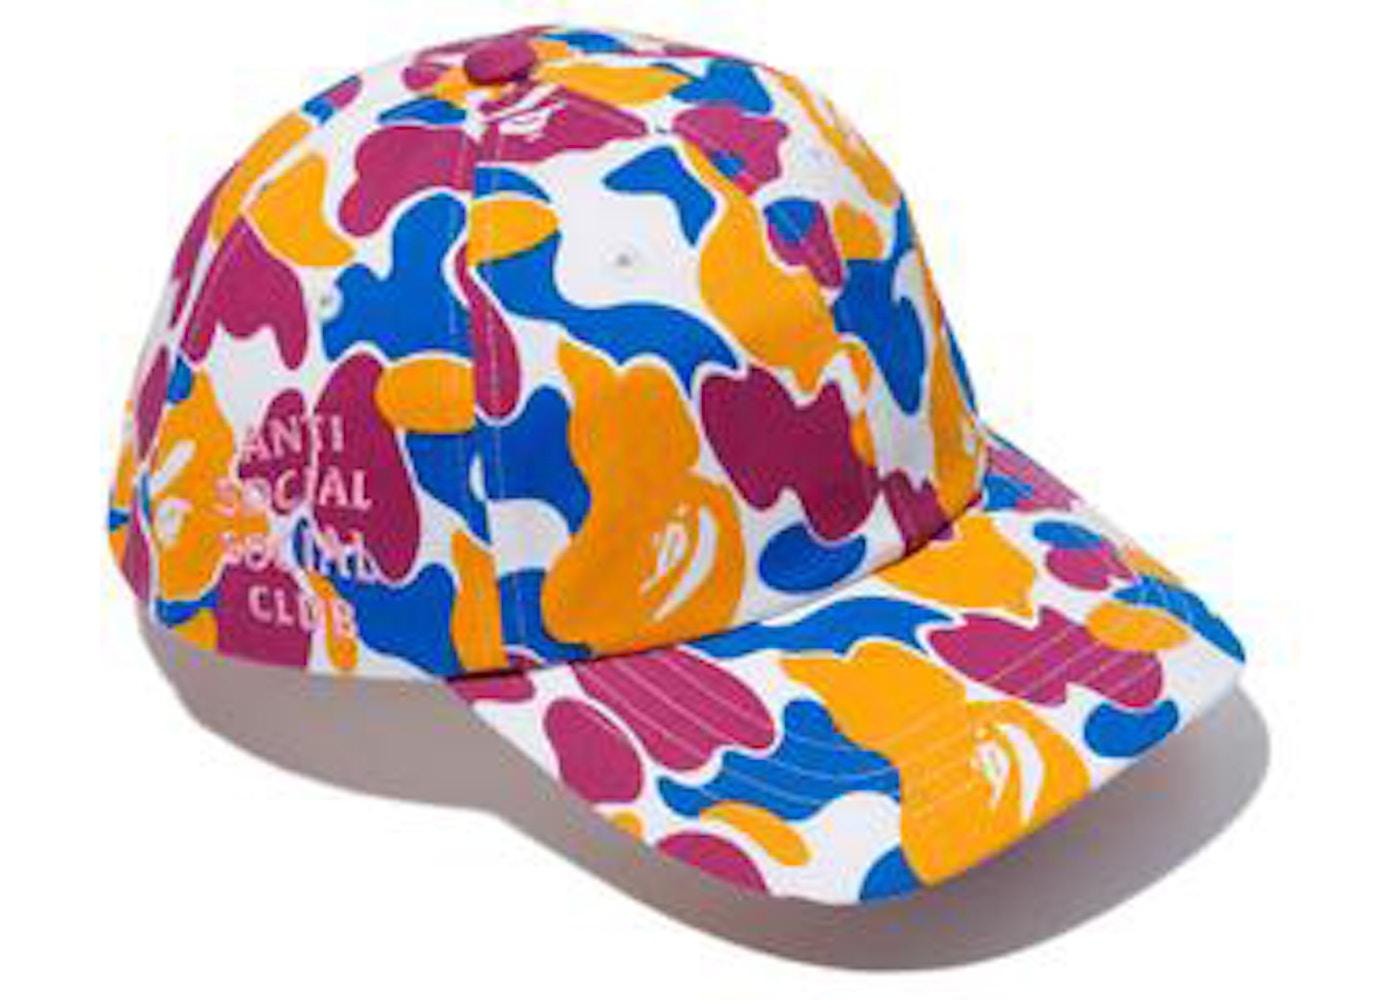 Bape Headwear - Buy & Sell Streetwear